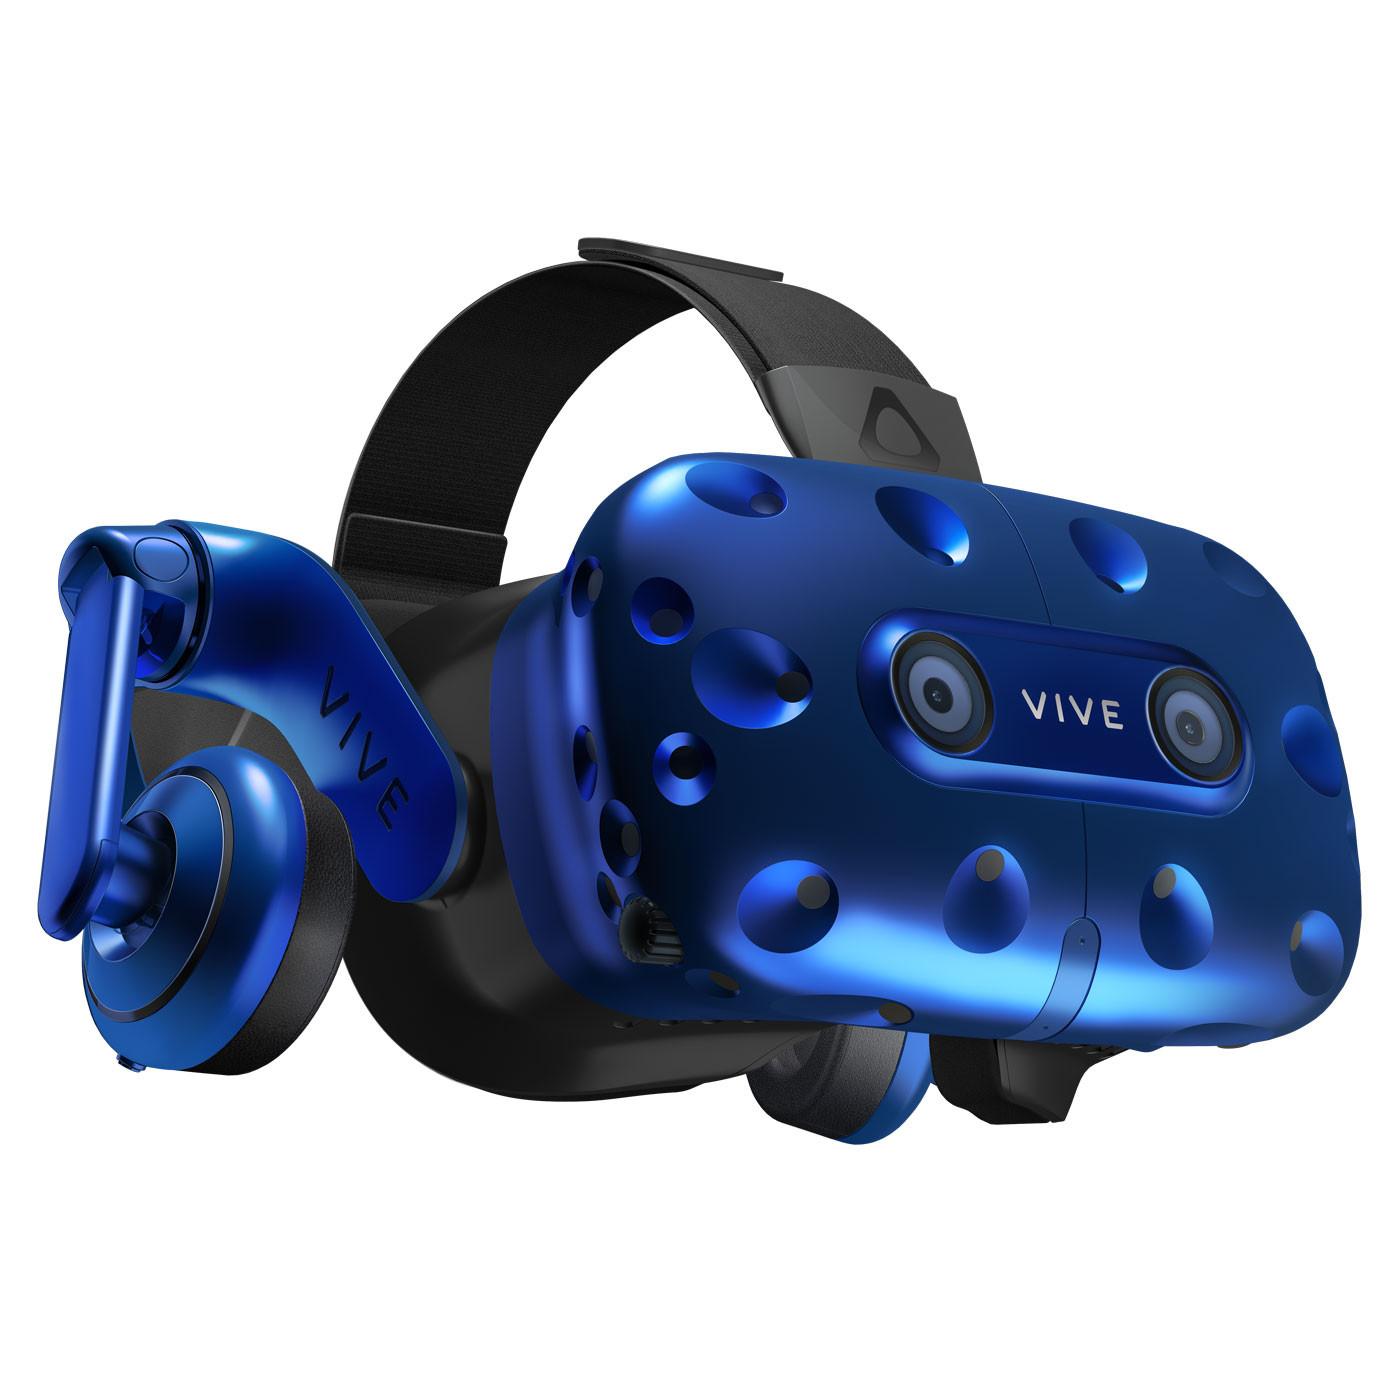 Soldes 2019 Casque De Réalité Virtuelle Htc Vive Pro à 599